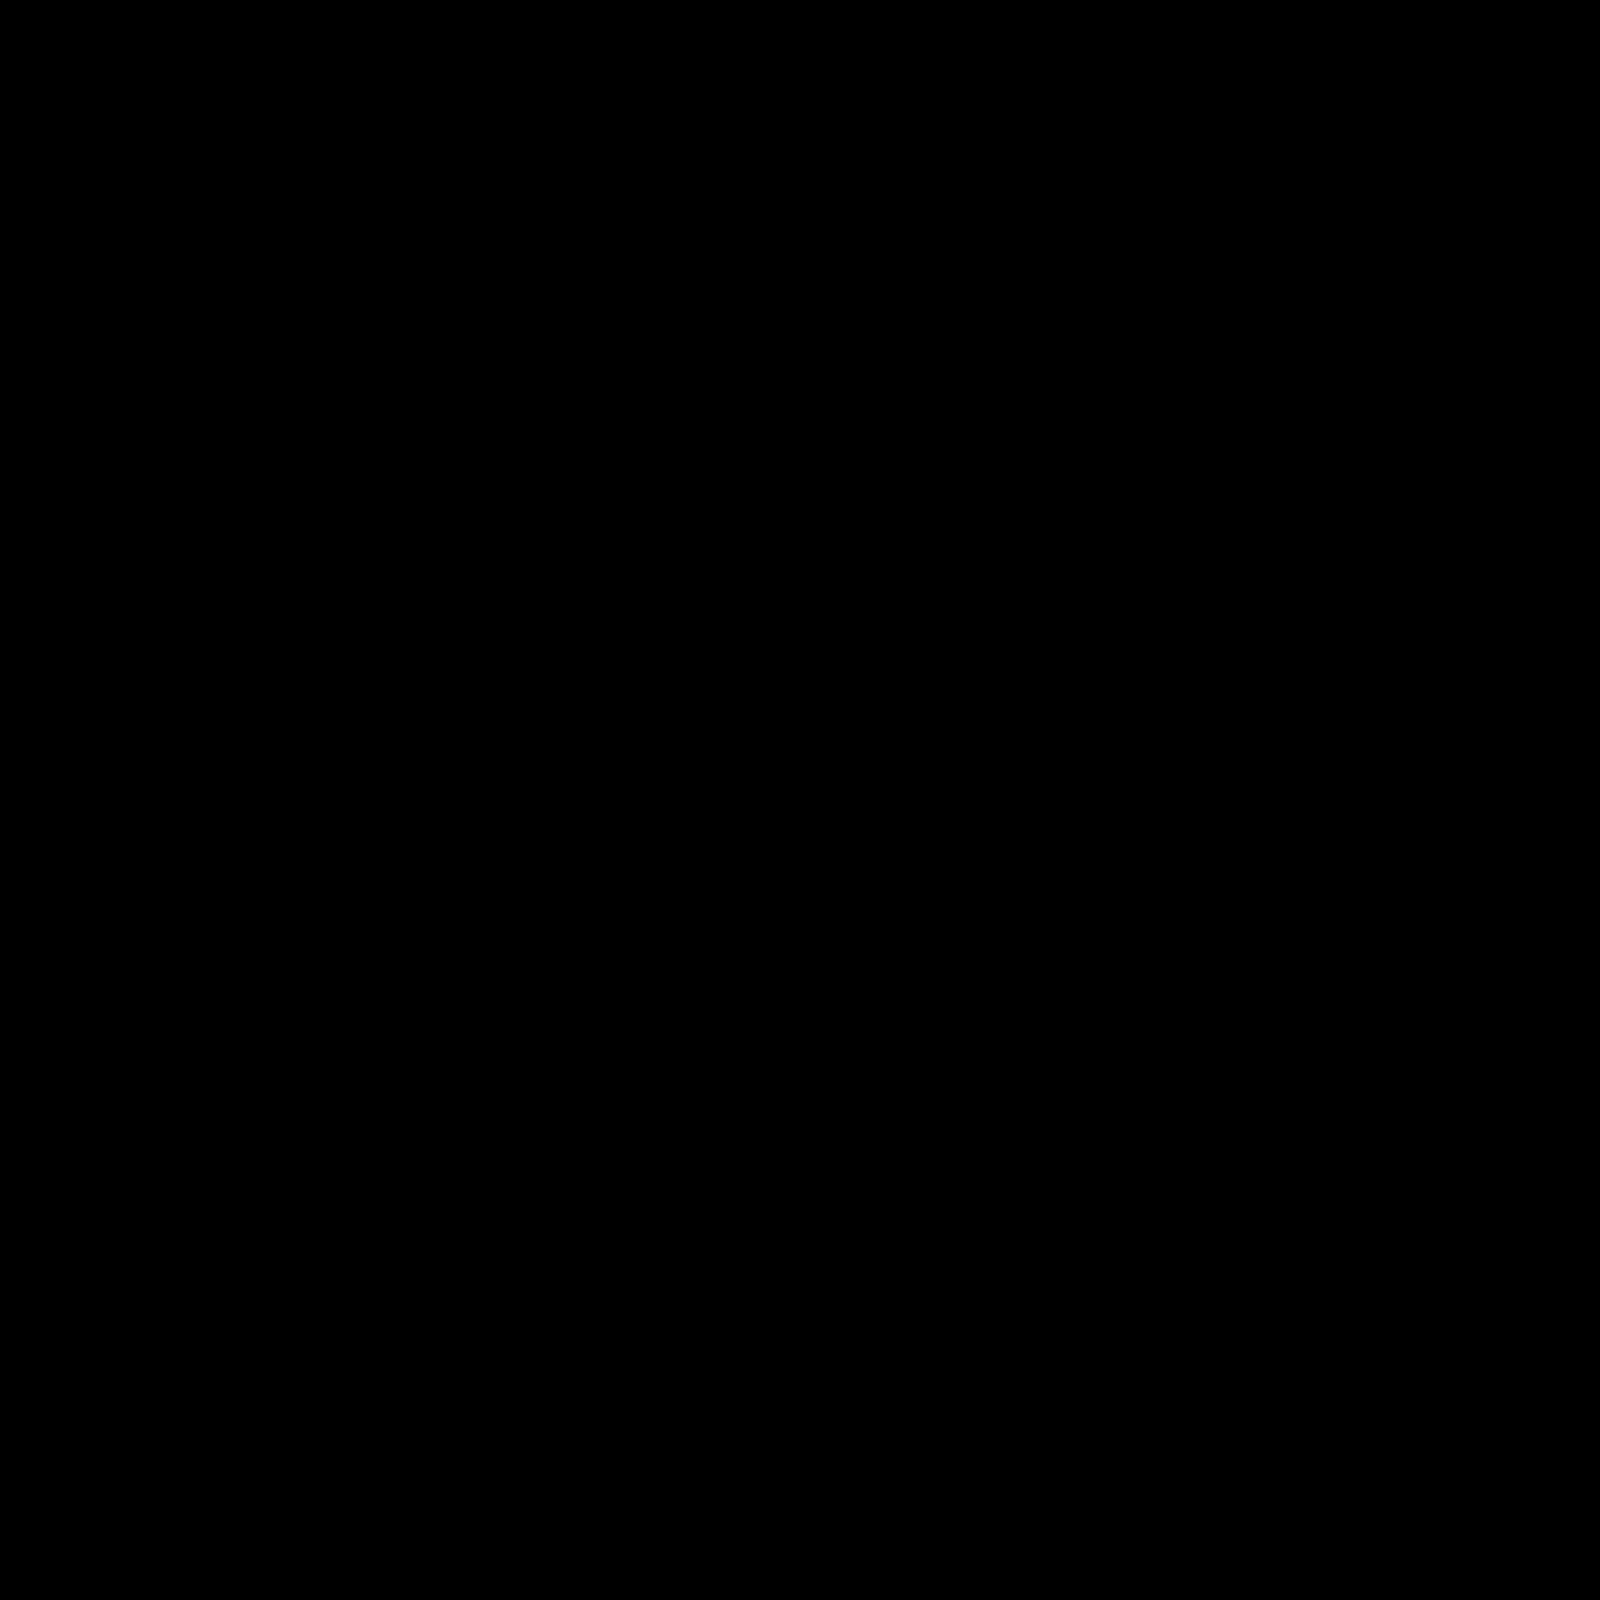 Dżin icon